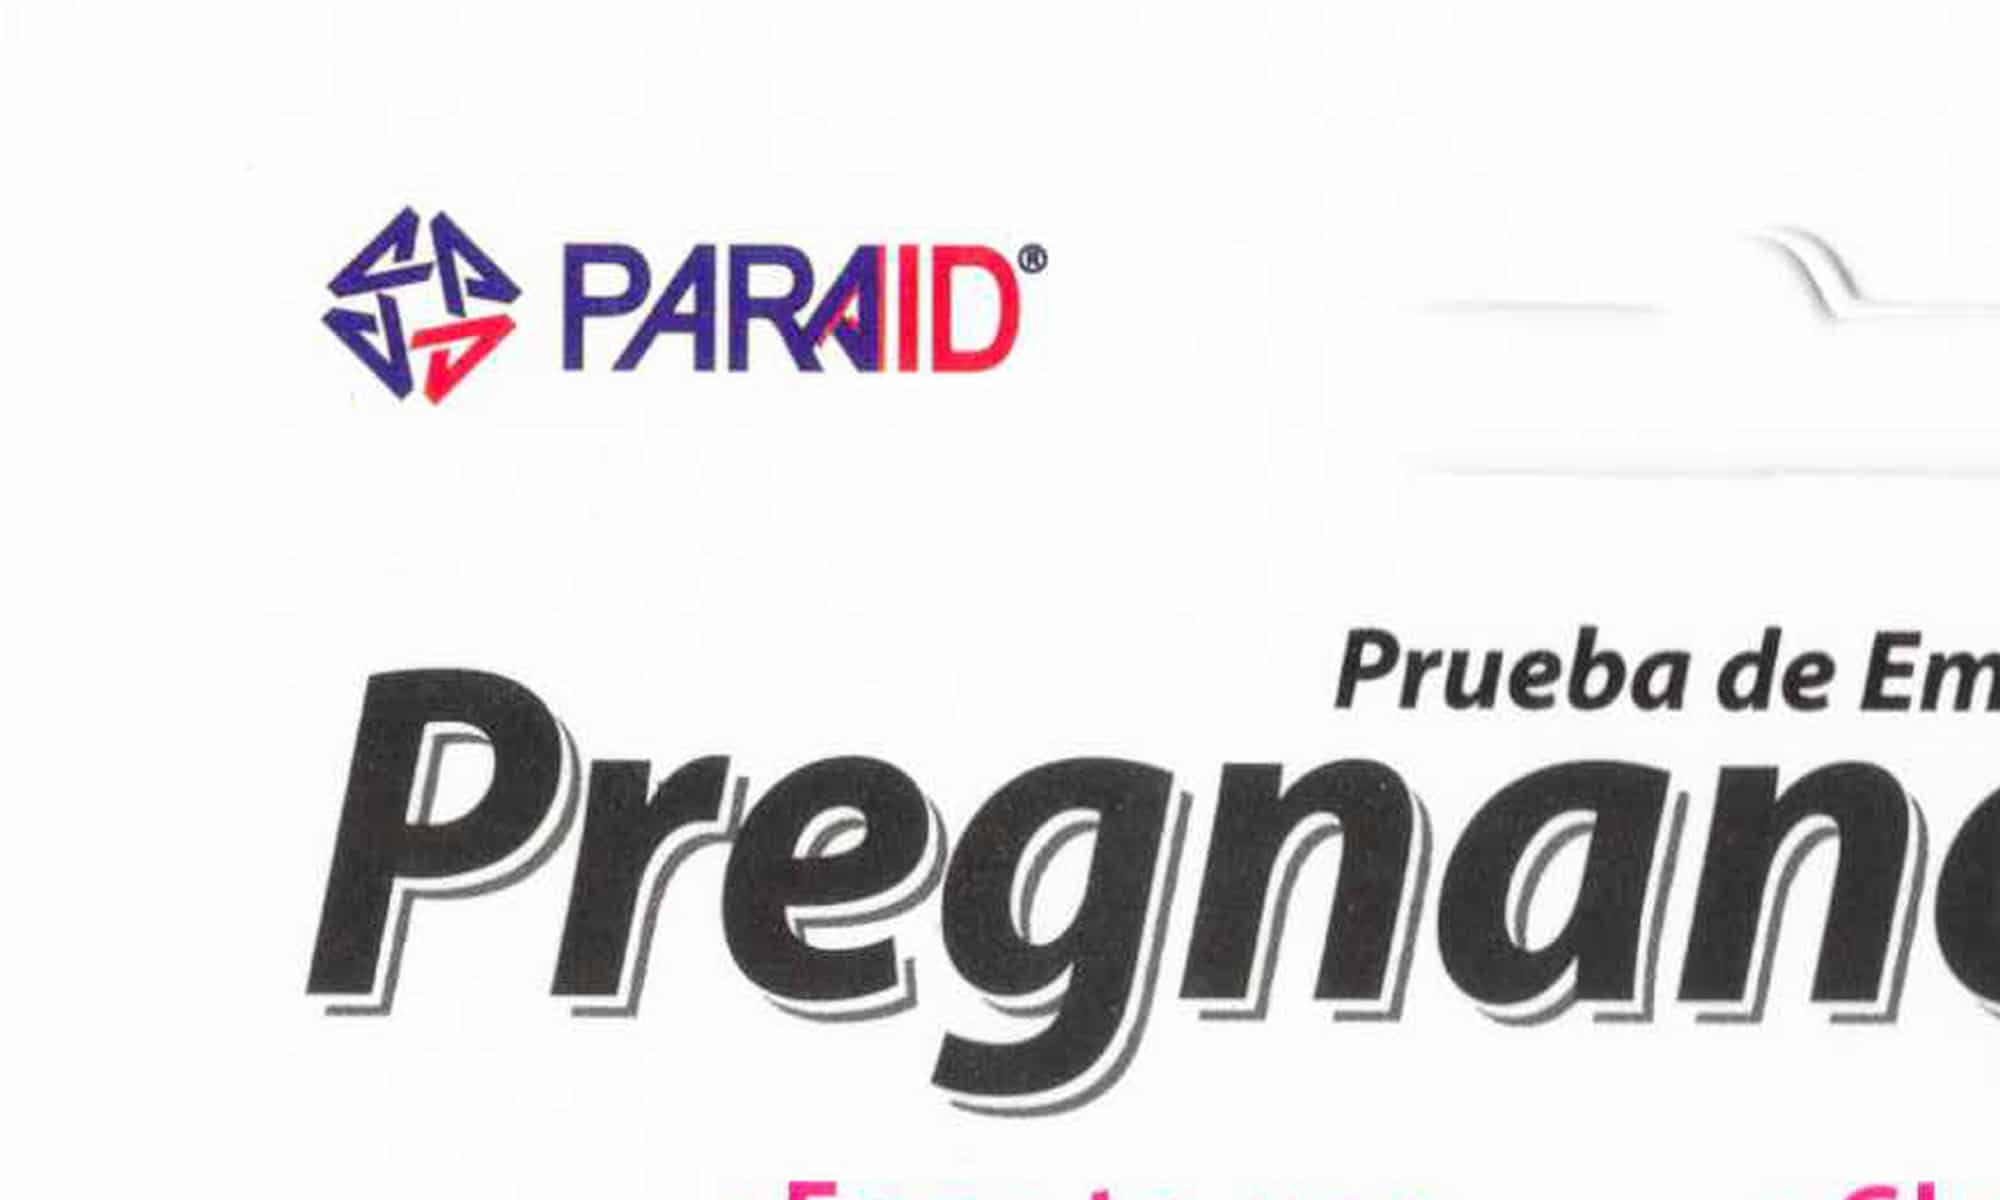 Paraid Para-Aid Pregnancy Test logo.